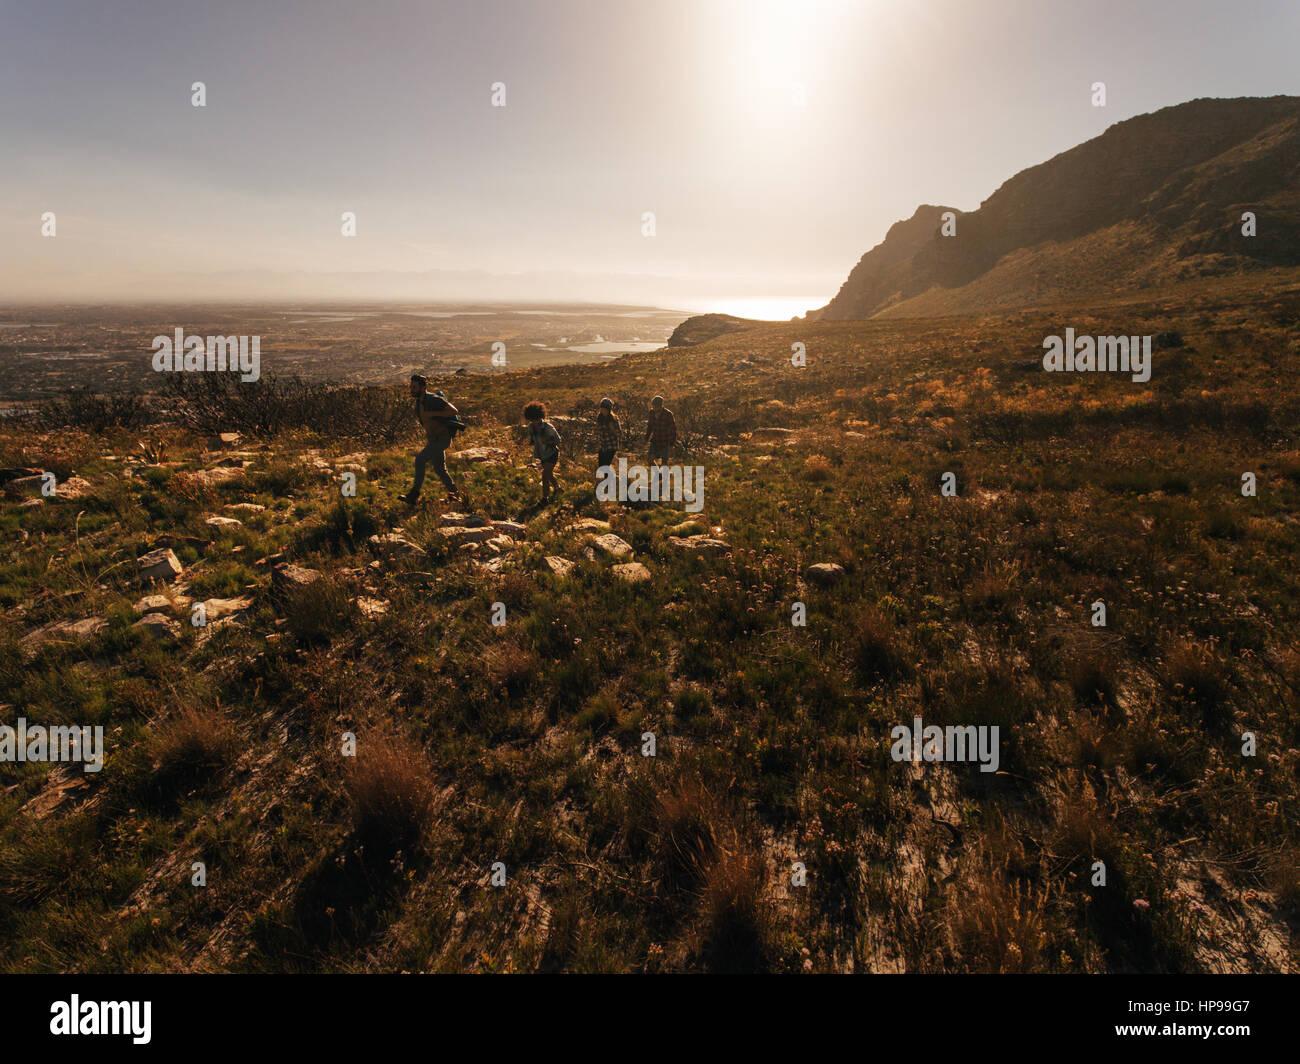 Vue aérienne de quatre personnes marchant dans la campagne. Groupe d'amis de la randonnée dans les Photo Stock